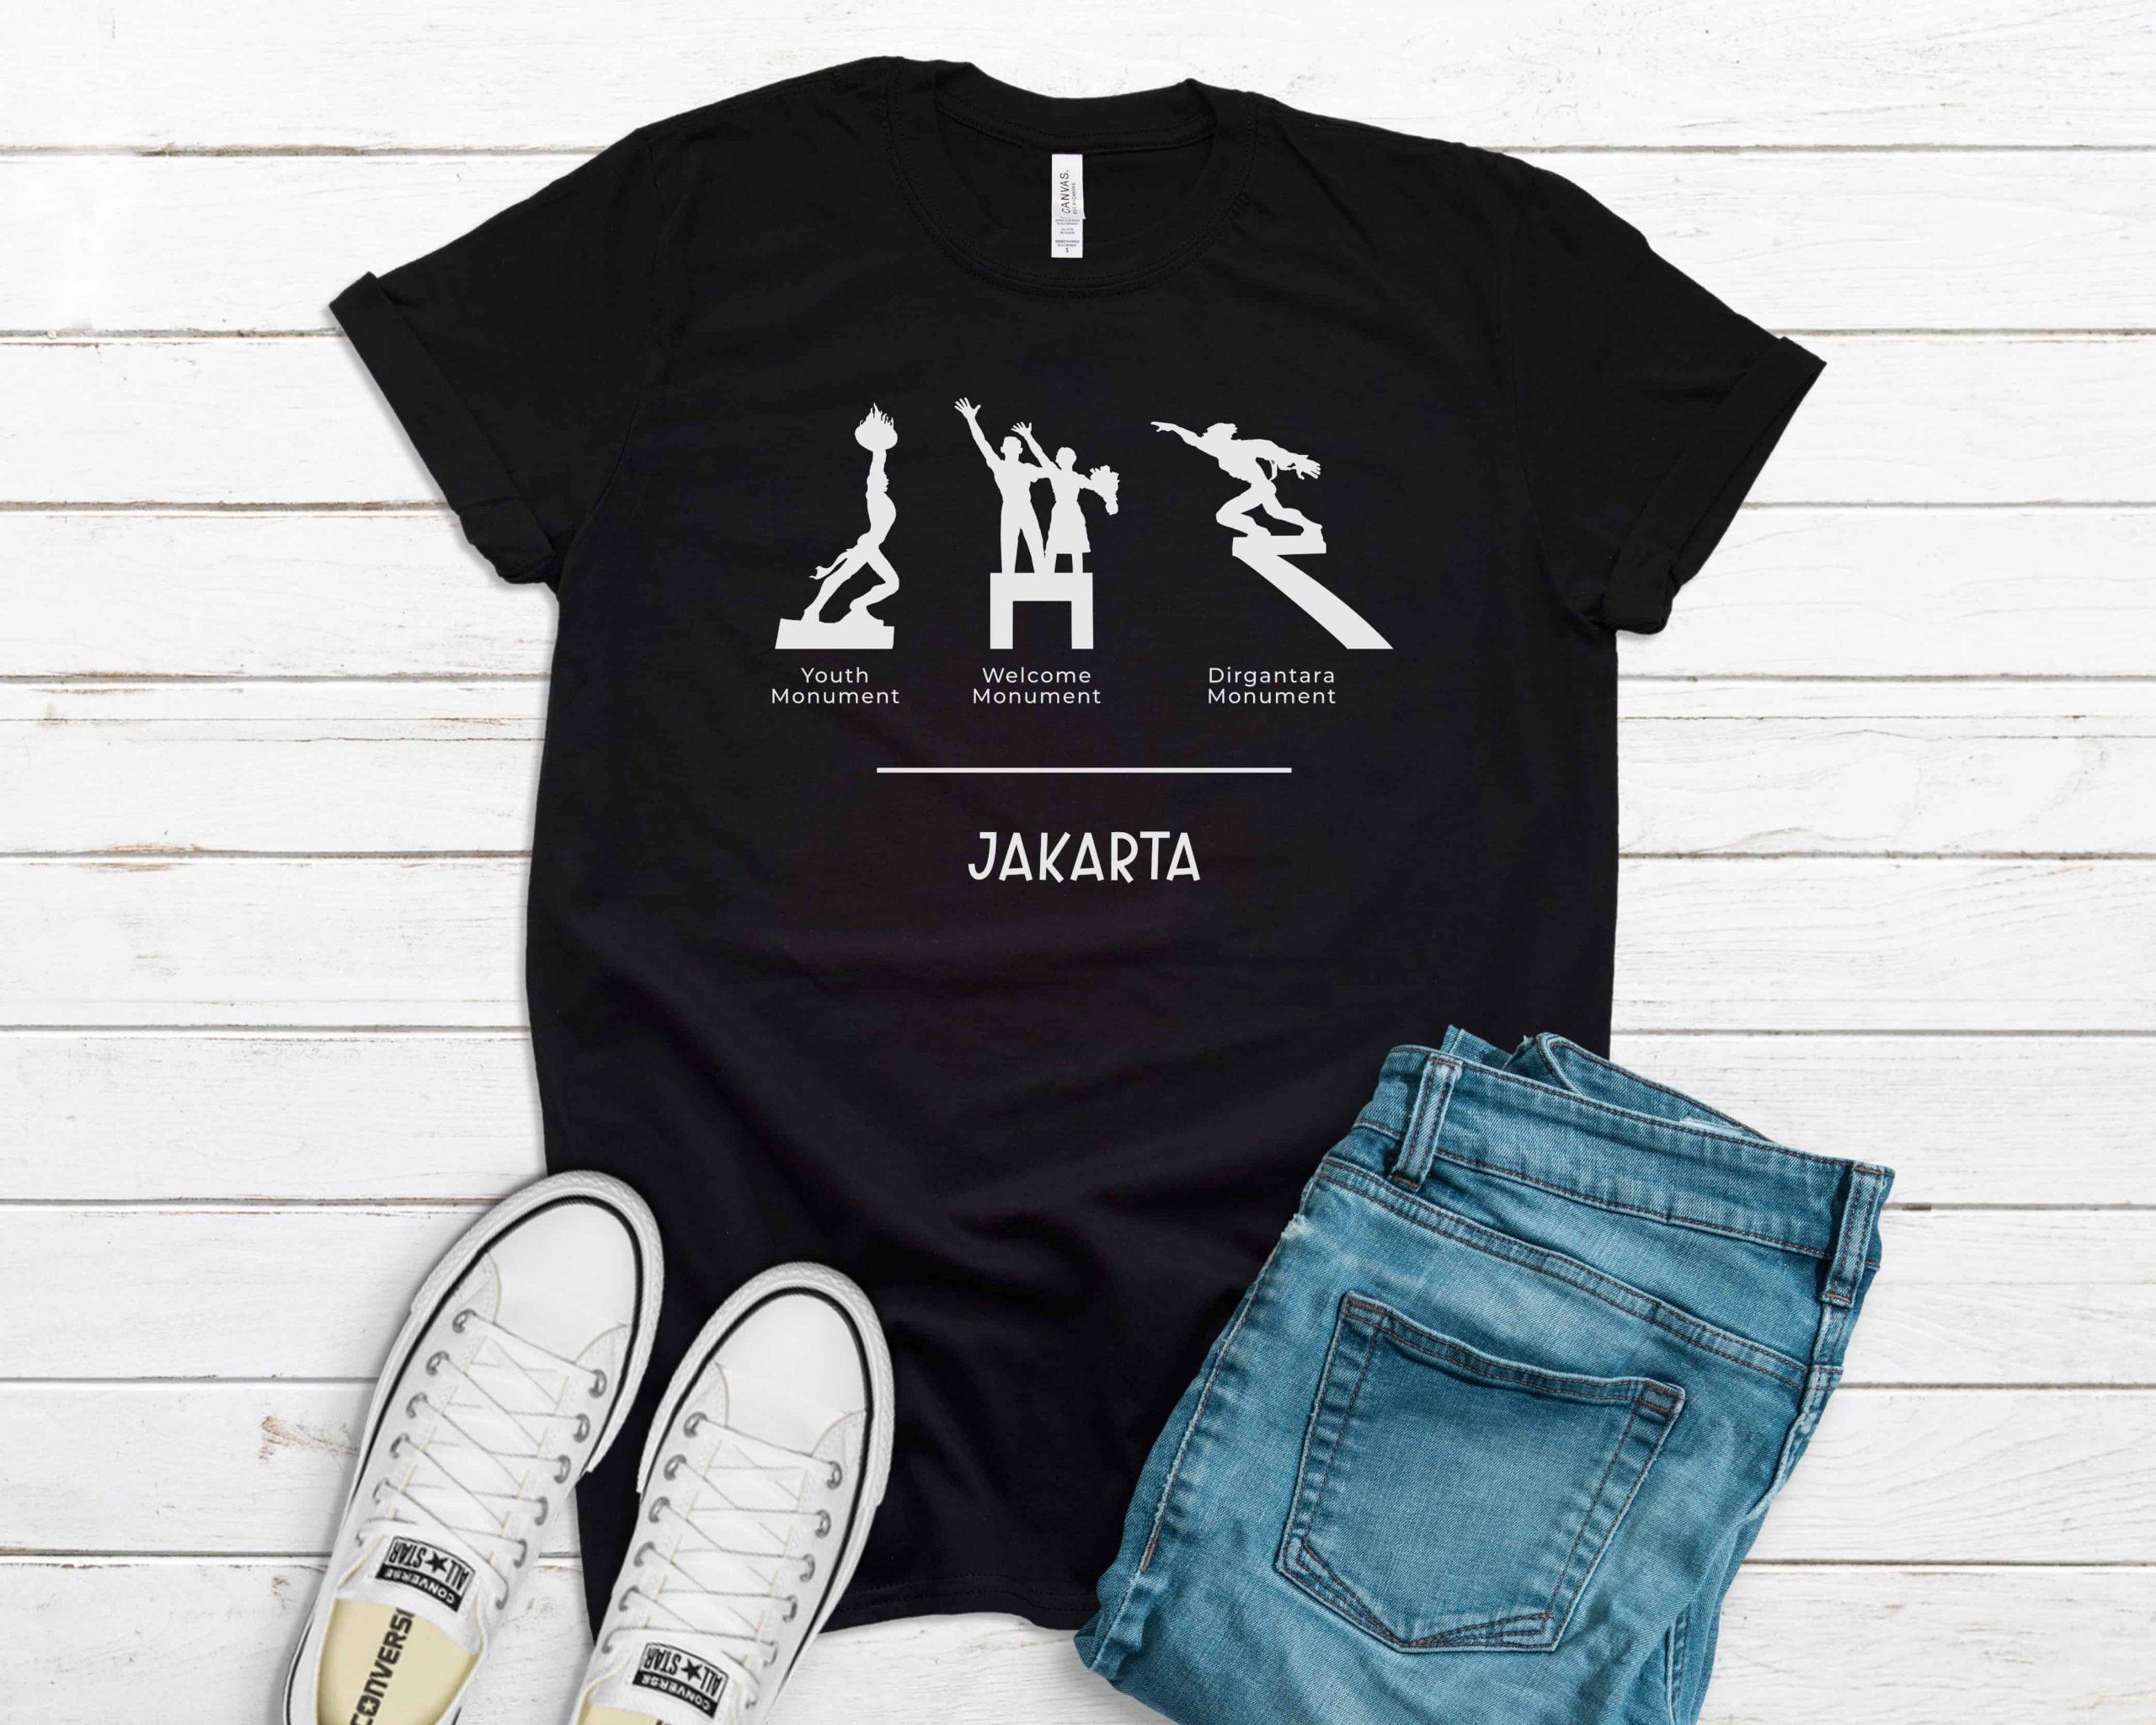 Jakarta Monuments t-shirt black color